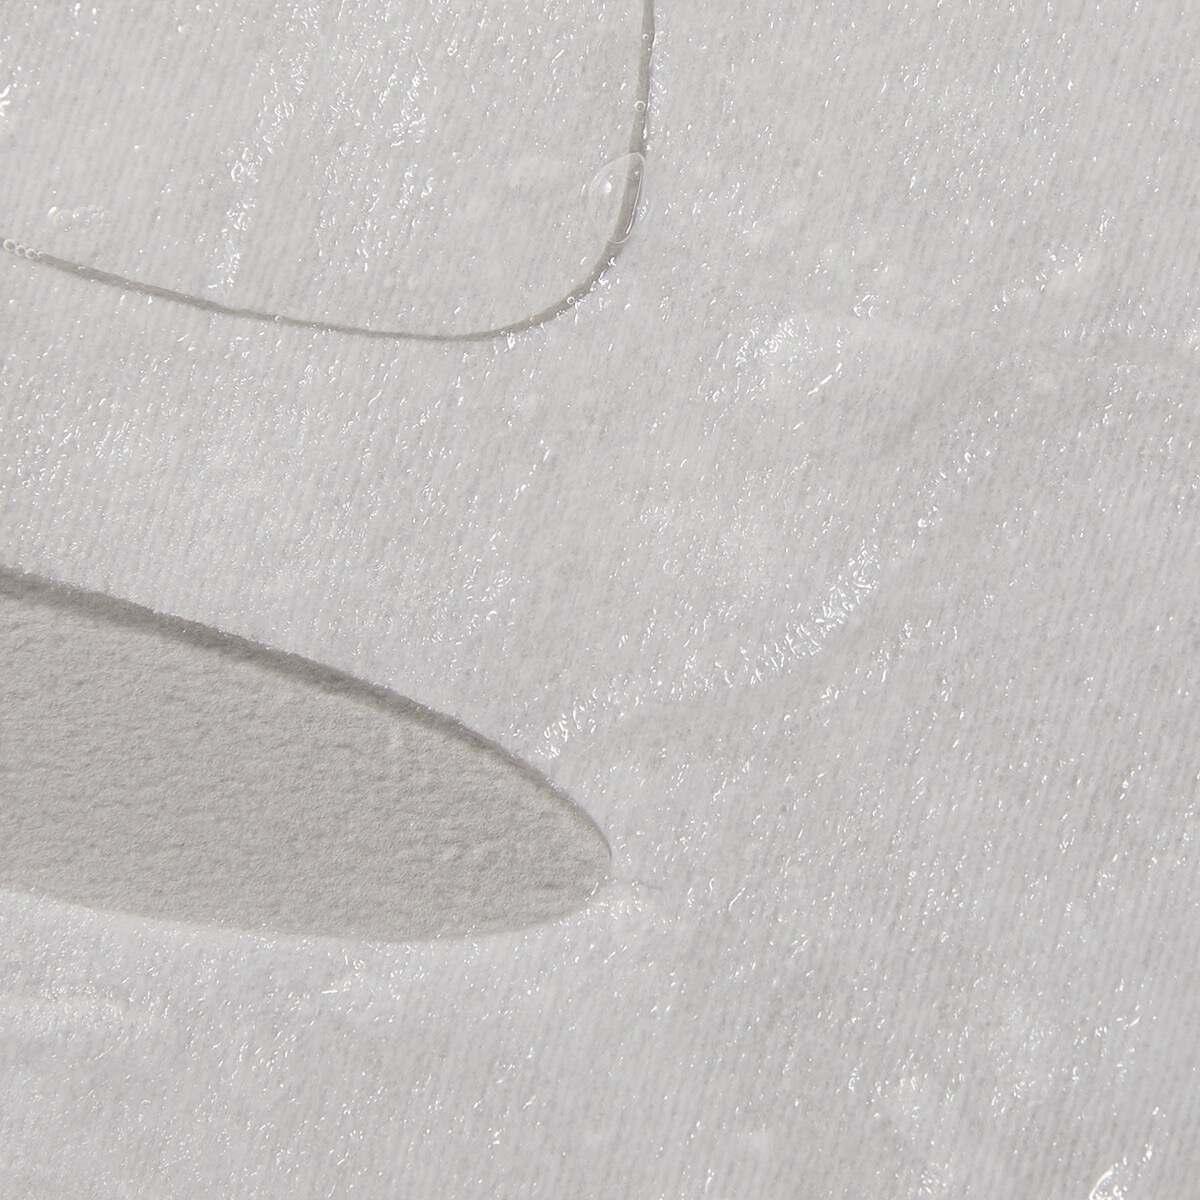 Abib(アビブ)『マイルド アシディック pH シートマスク アクア』の使用感をレポに関する画像15